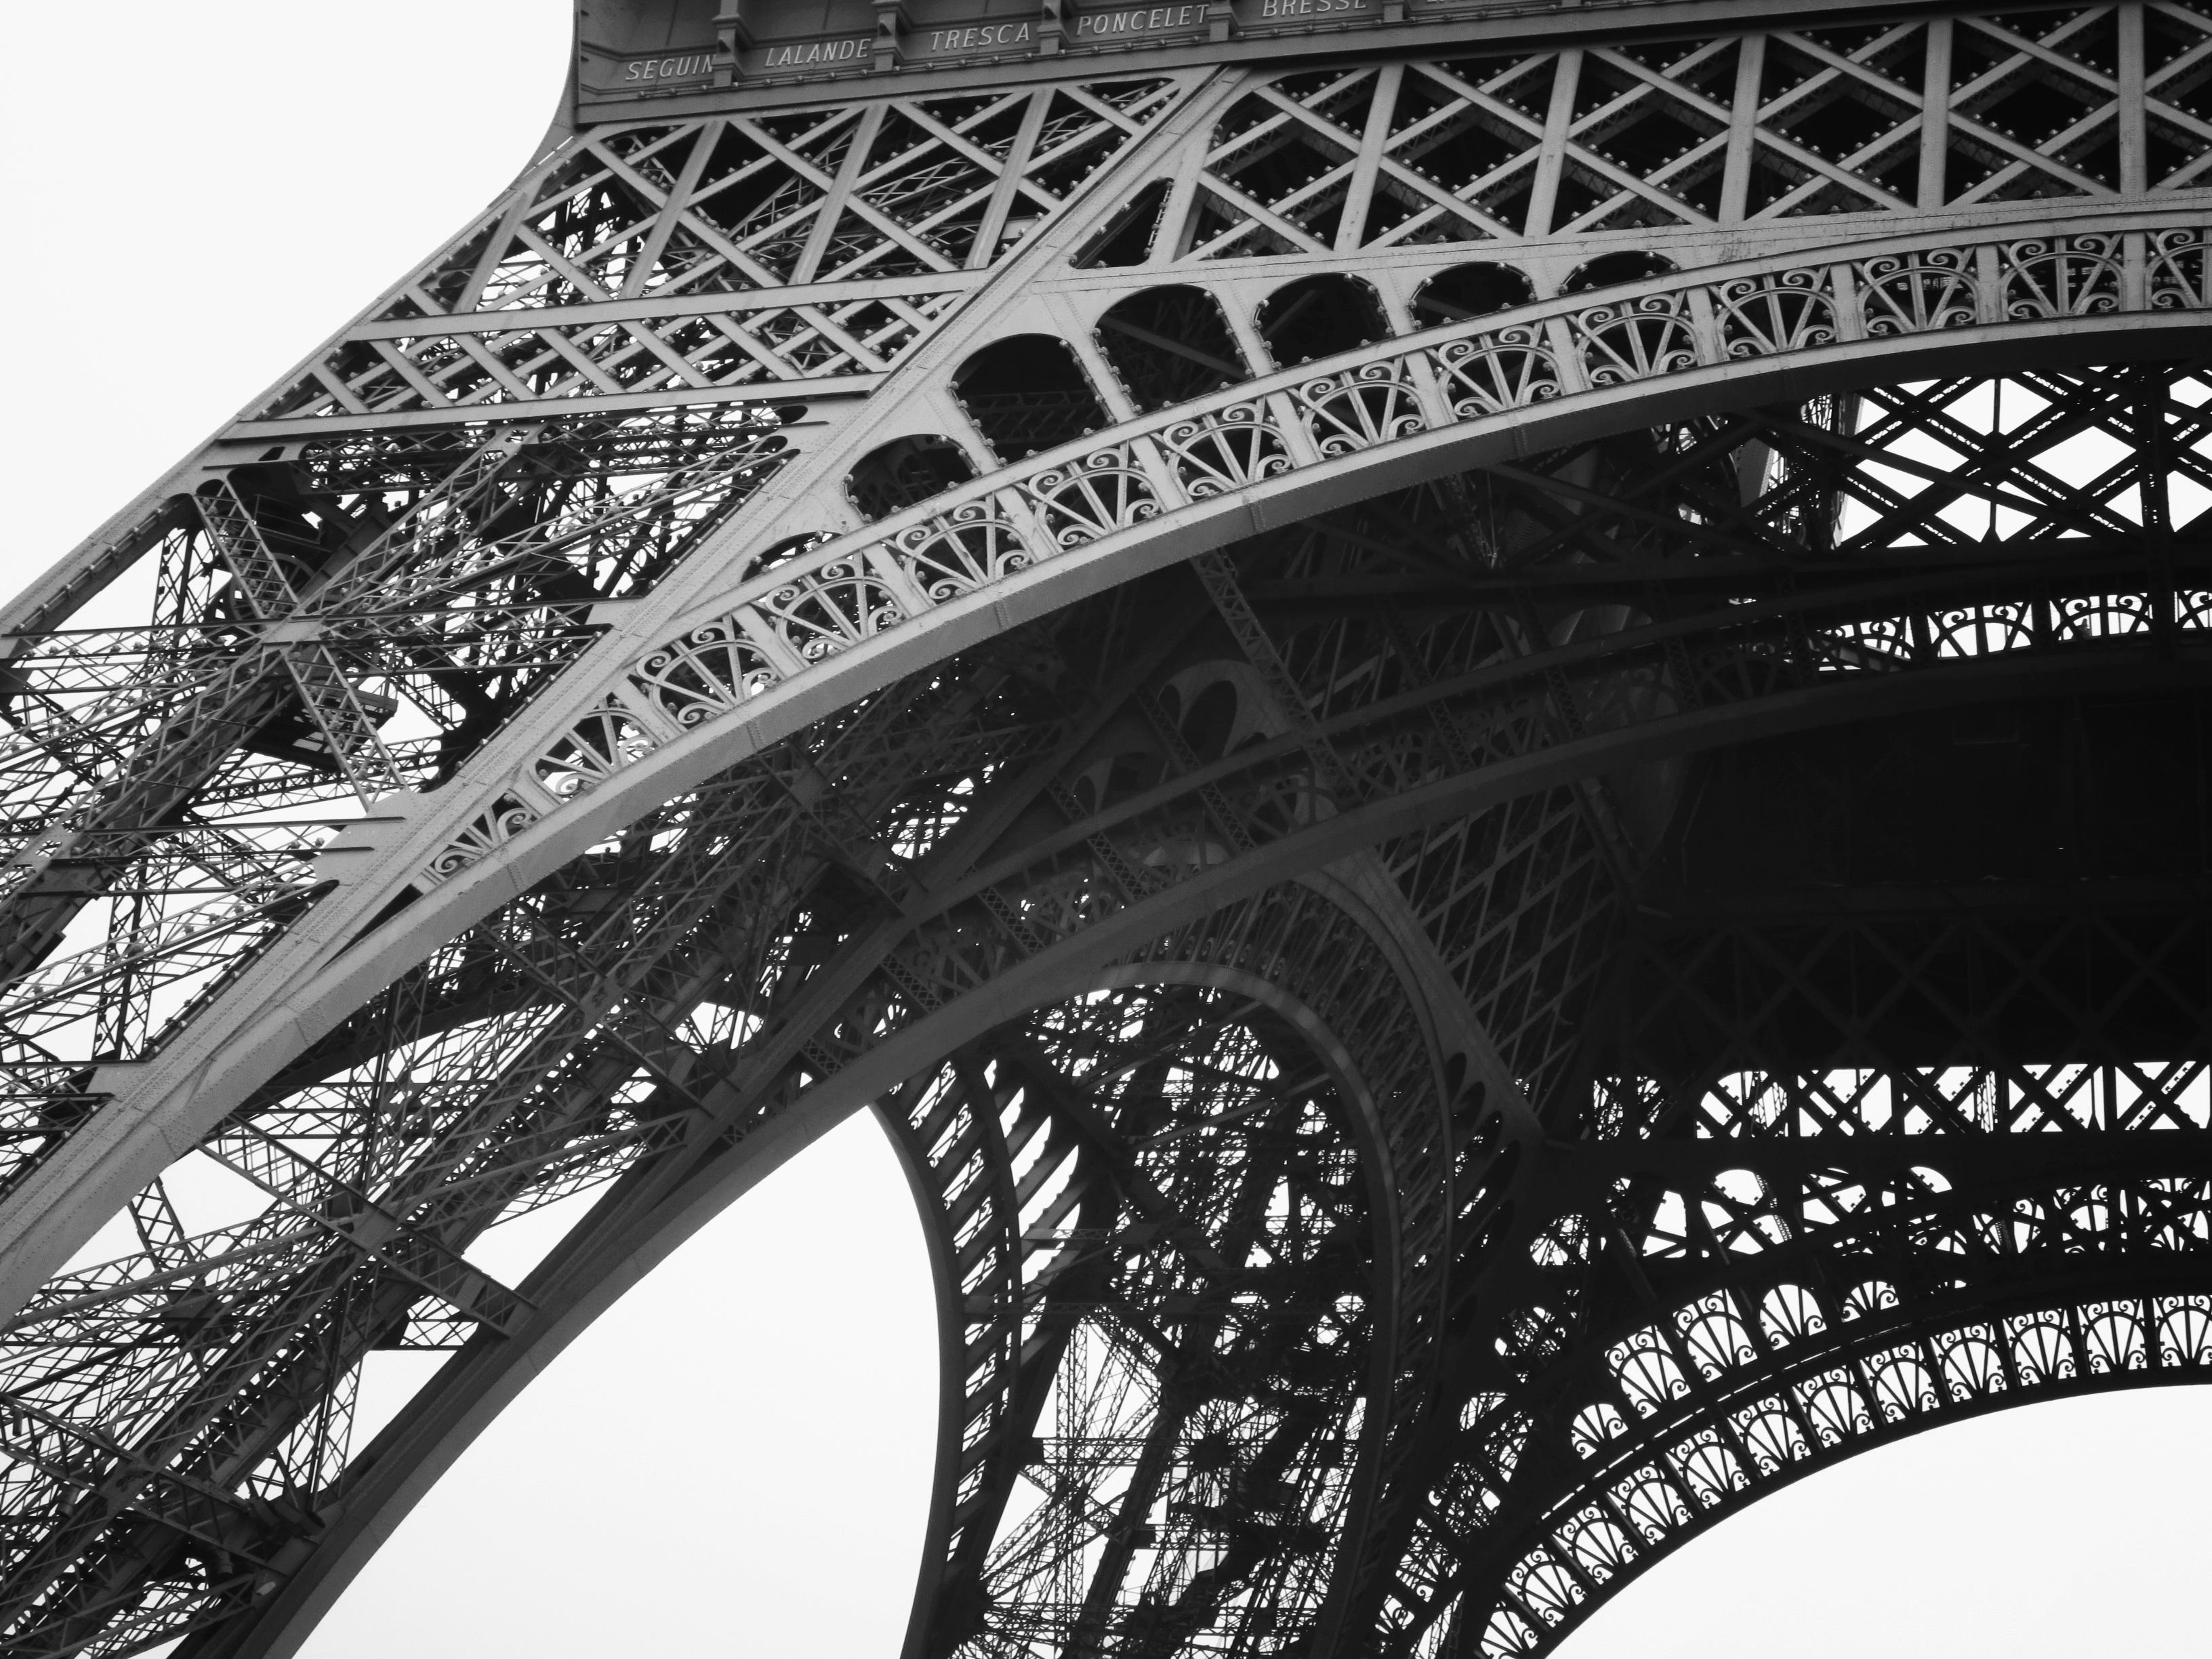 Bildausschnitt des Eiffelturms.